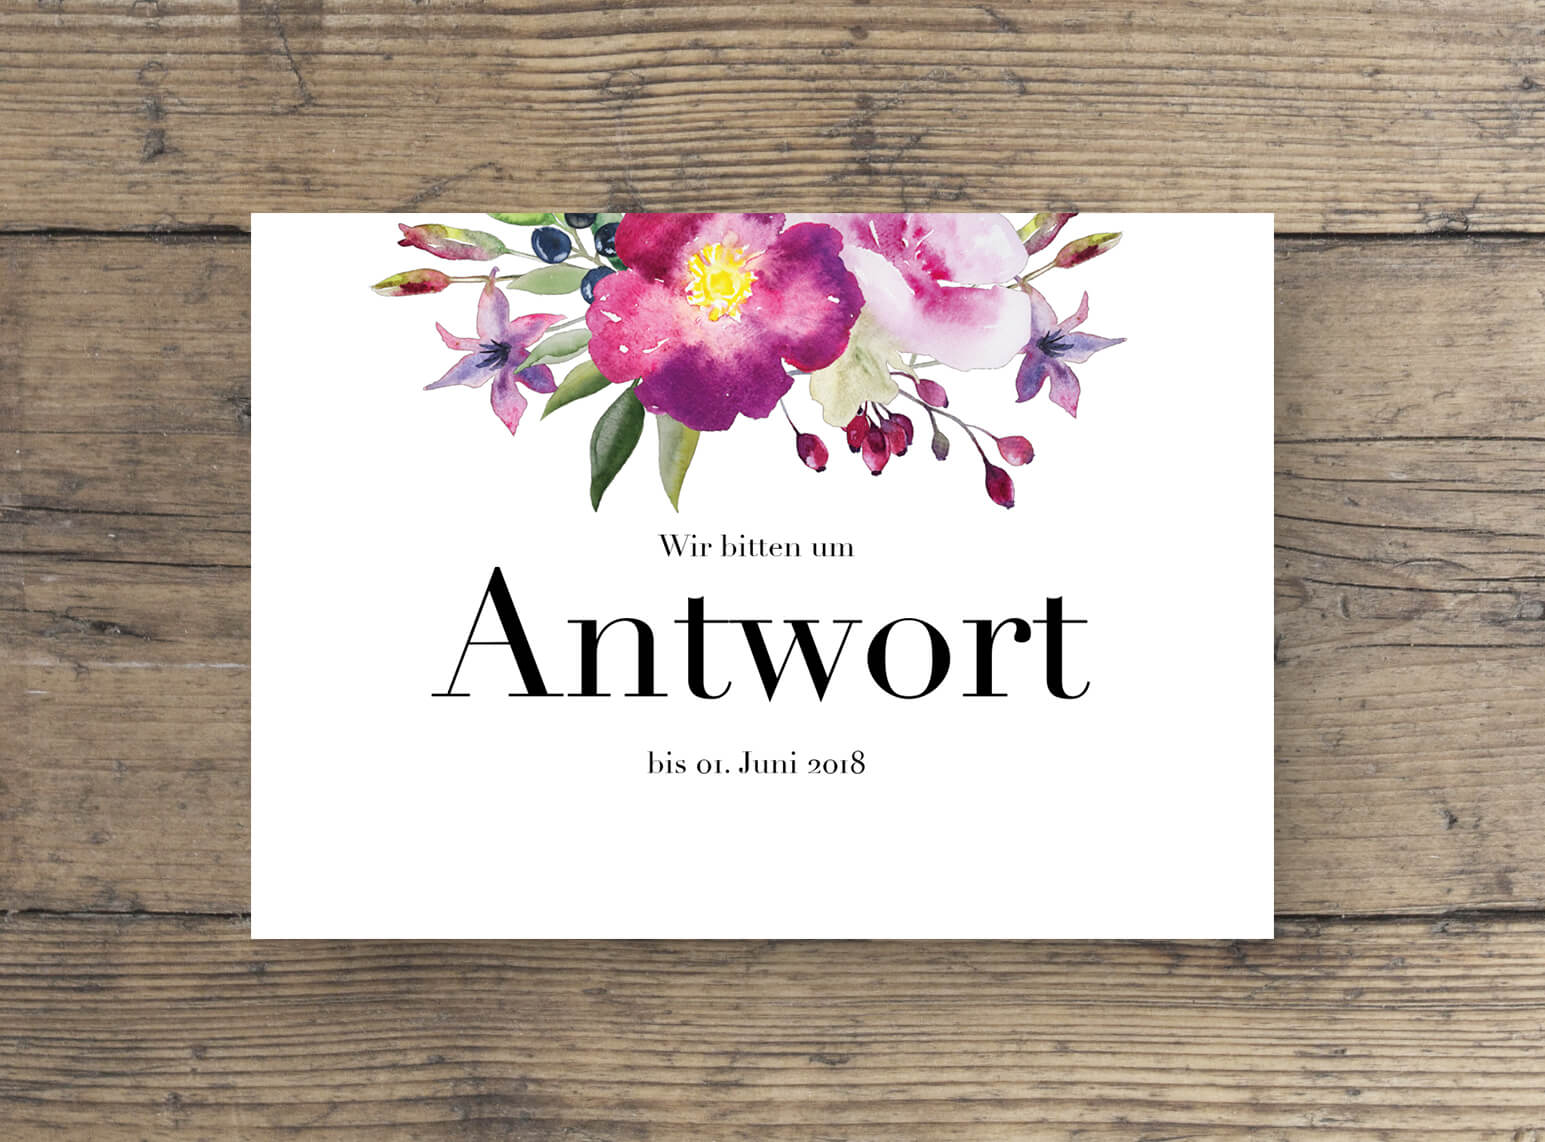 Hochzeitskarten wilde Romantik in Aquarell, Antwort Postkarte Hochzeitsplanung